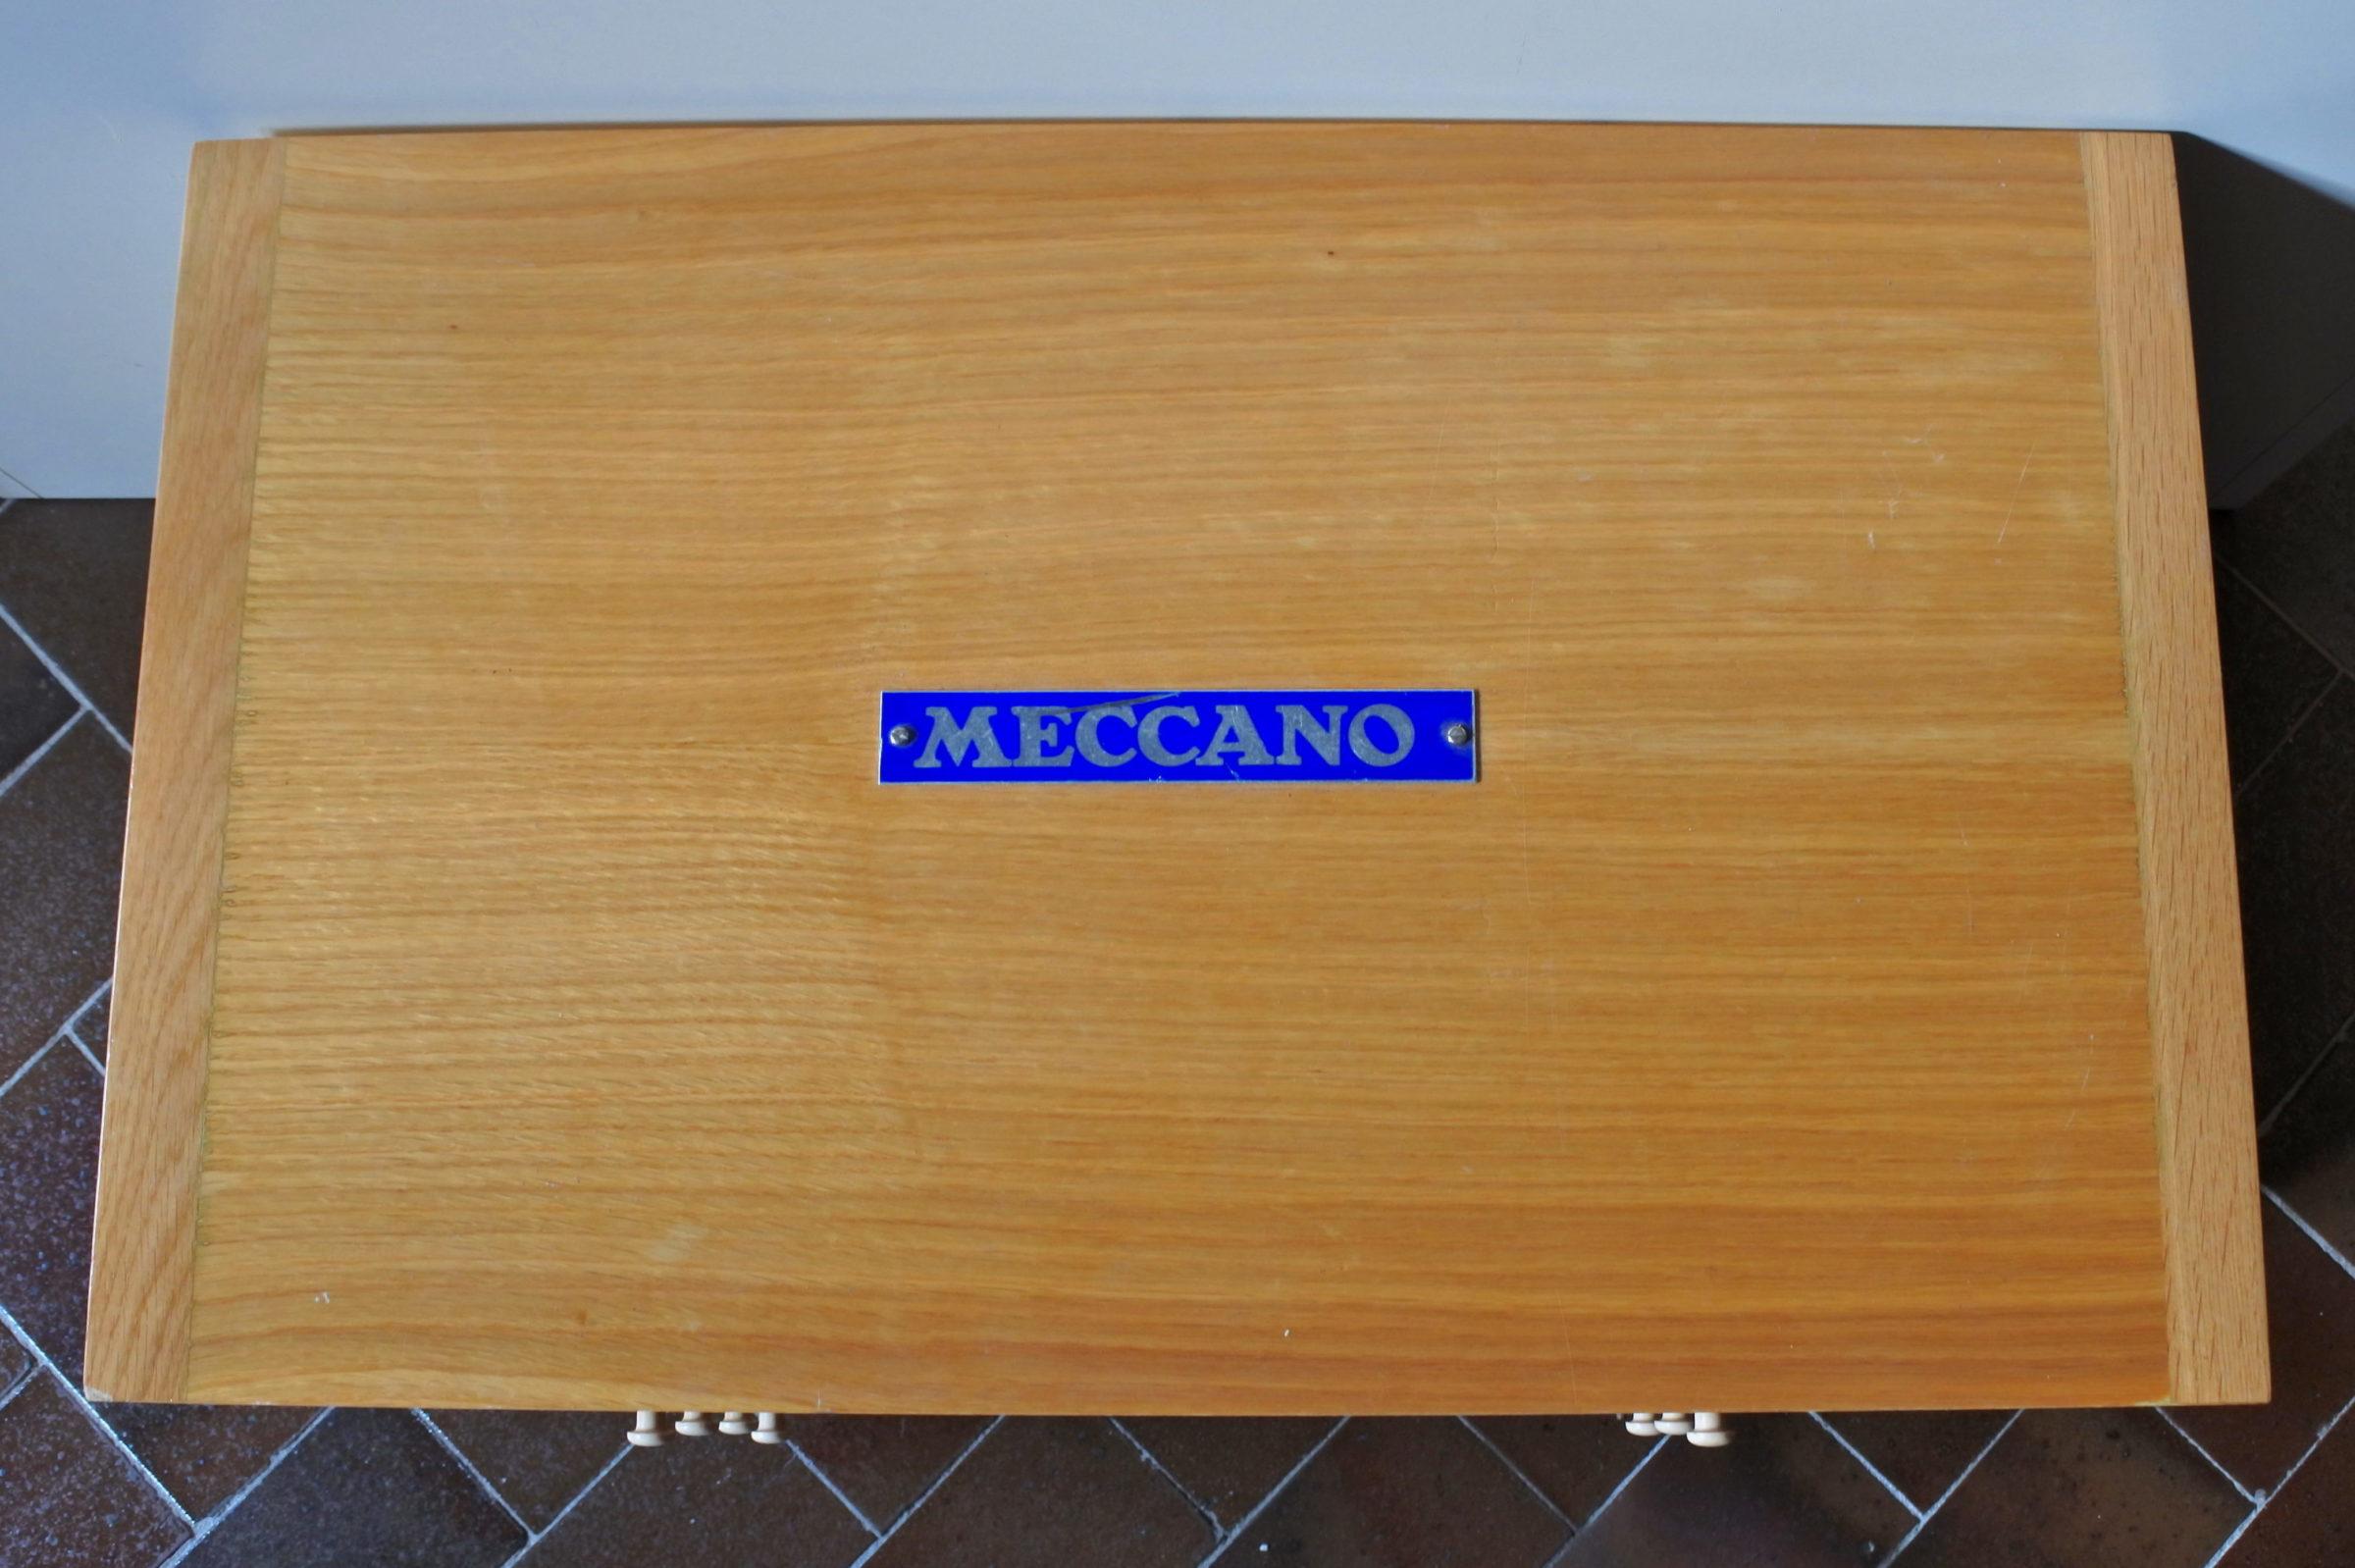 Meccano N° 10 - 2